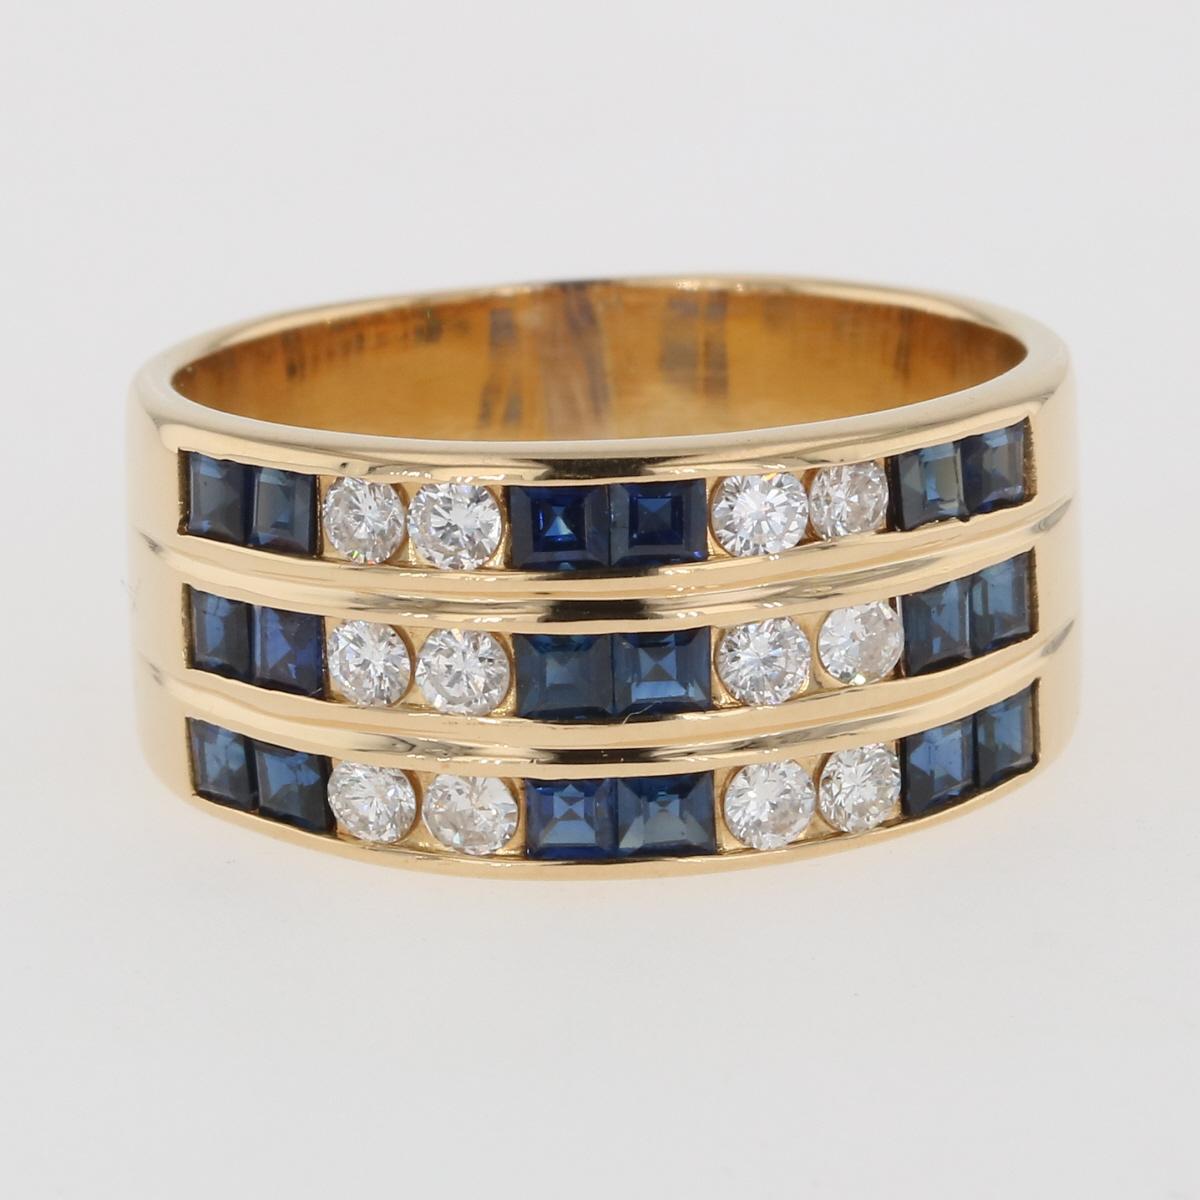 USED 超激安 送料無料 サファイア デザインリング K18 イエローゴールド 指輪 5%OFF 中古 メンズ 22号 リング ダイヤモンド メレダイヤ YG